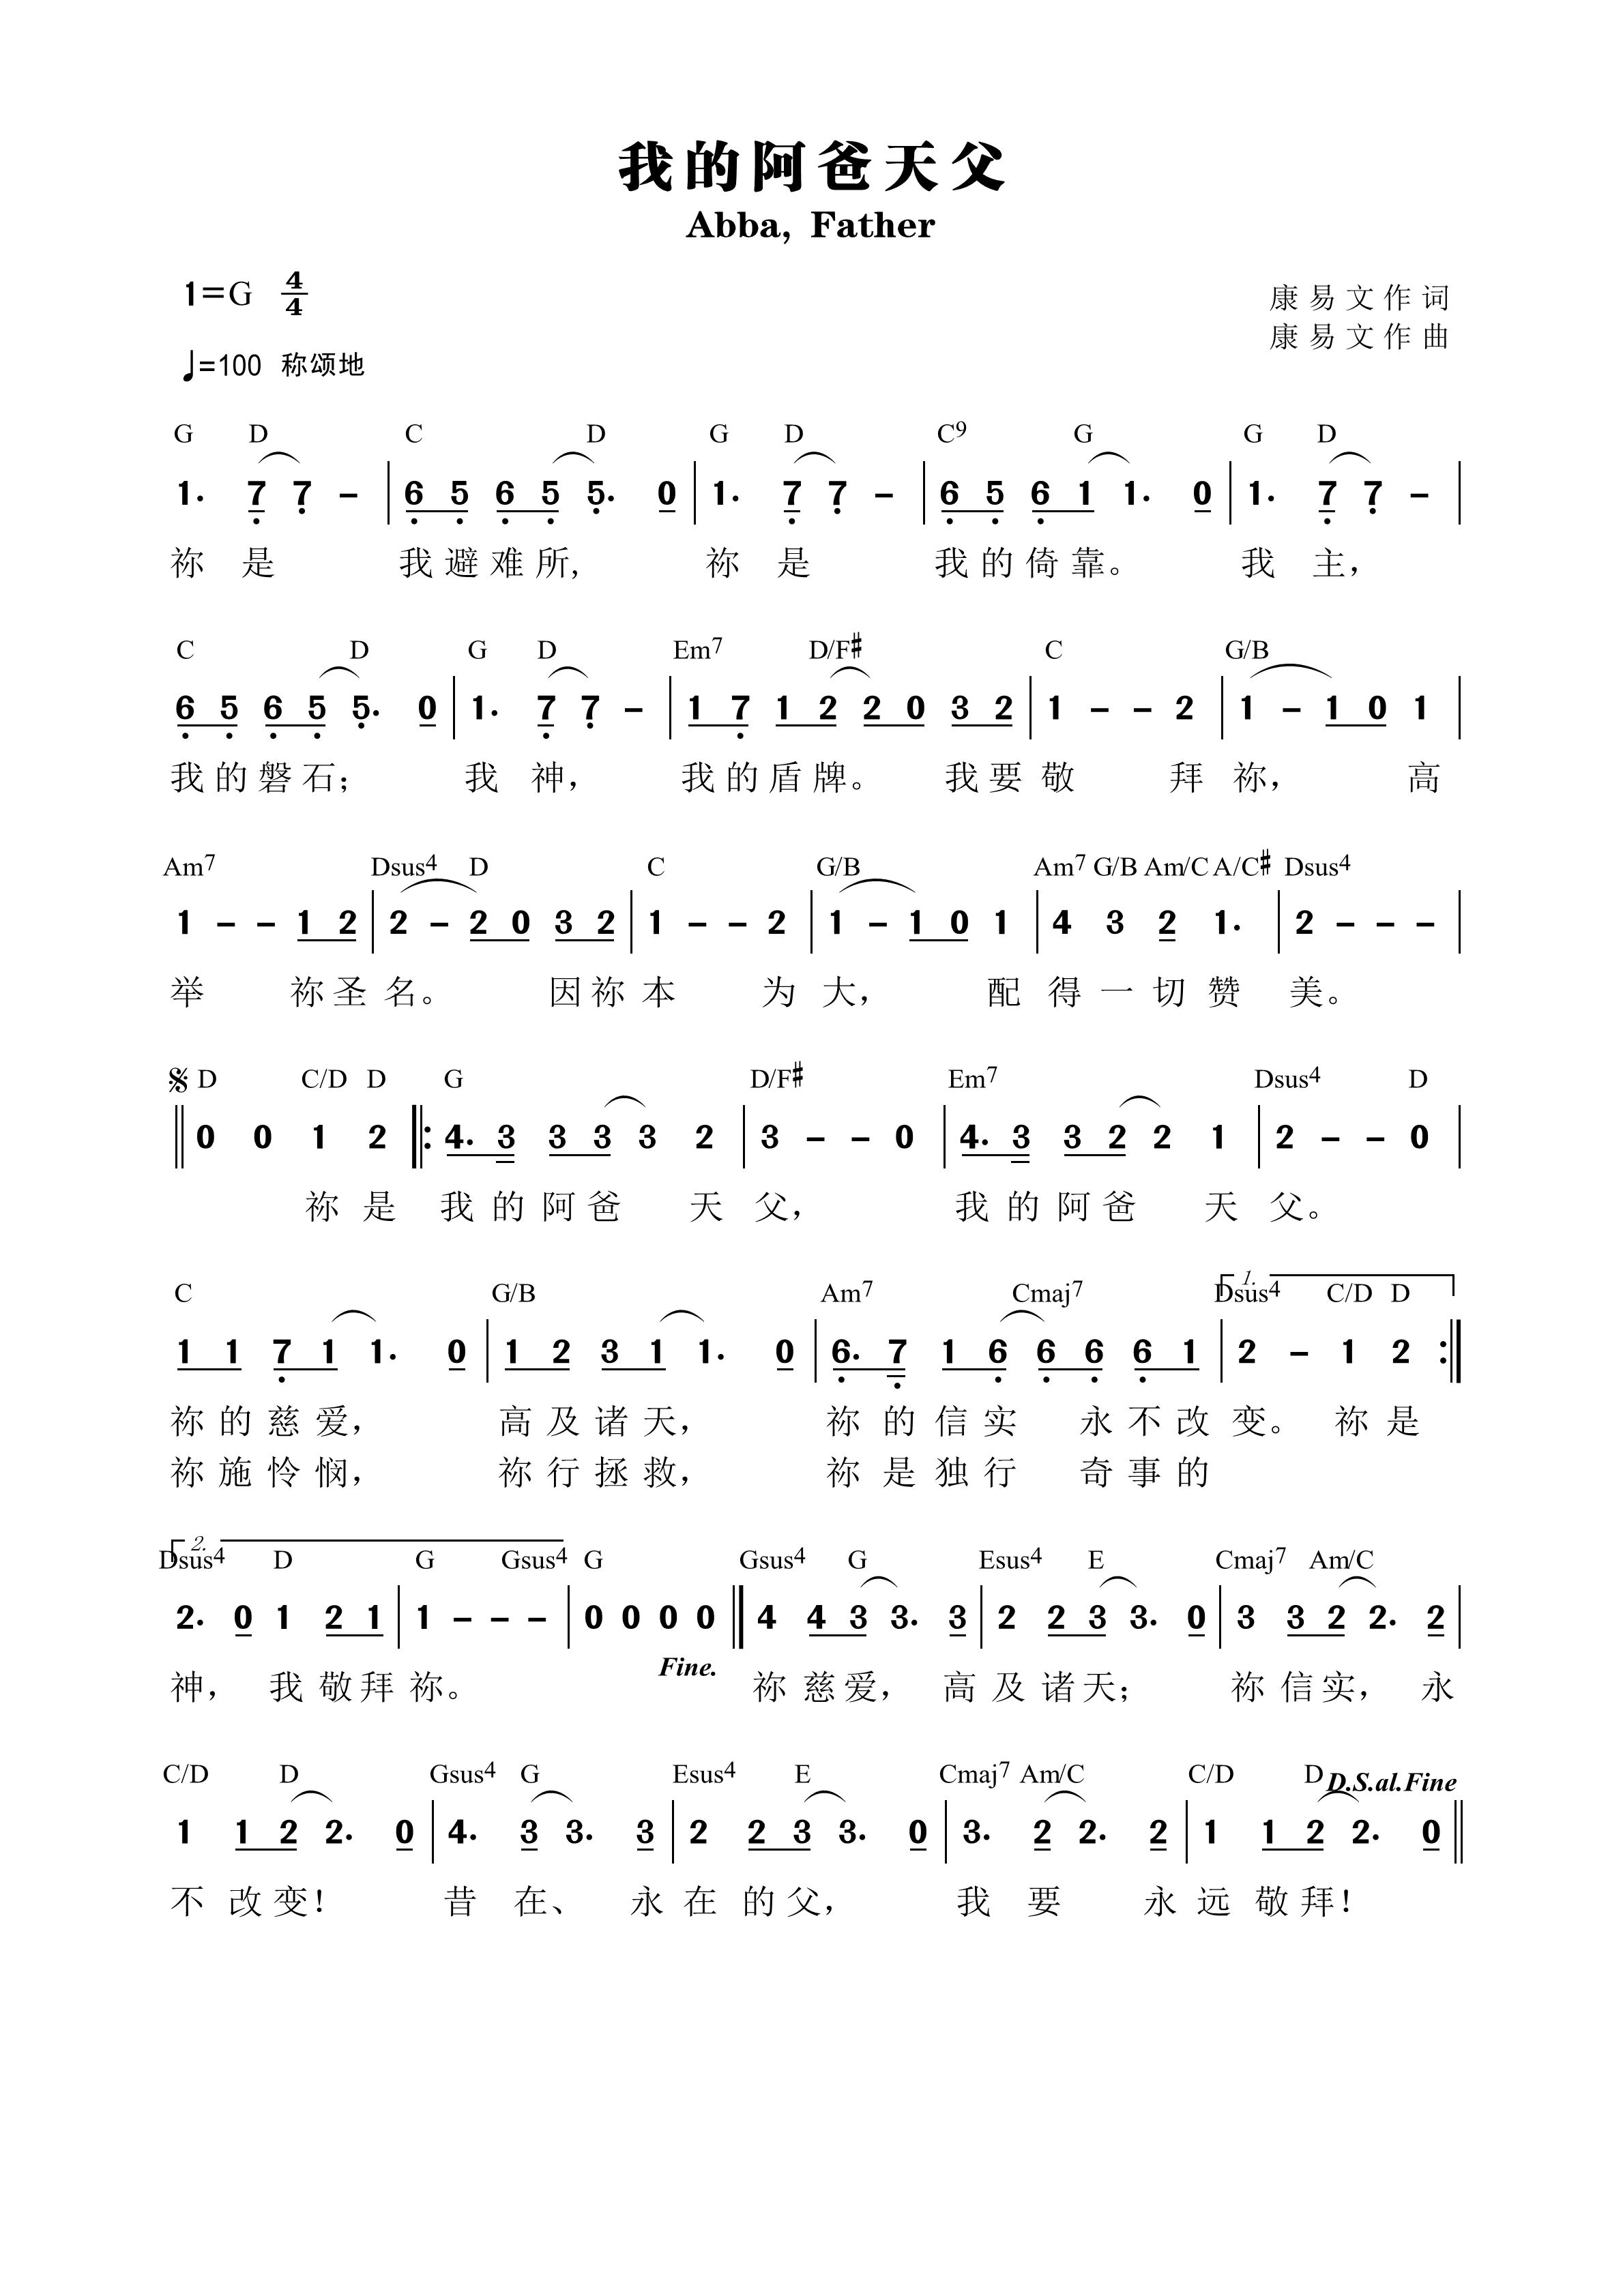 《我的阿爸天父 和弦简谱》